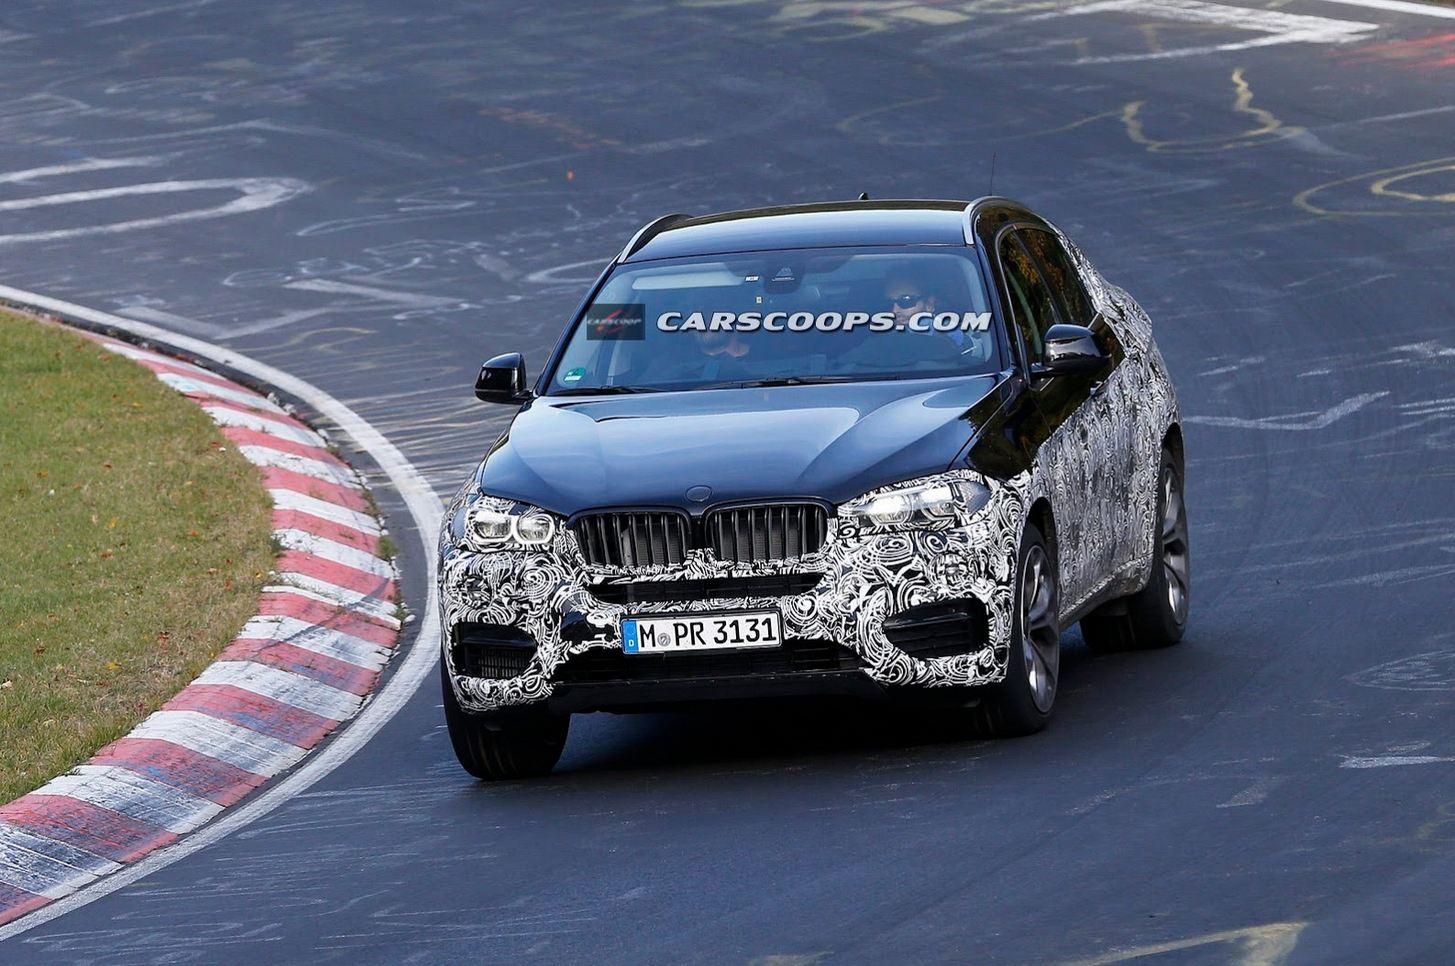 2015 BMW X6 spied